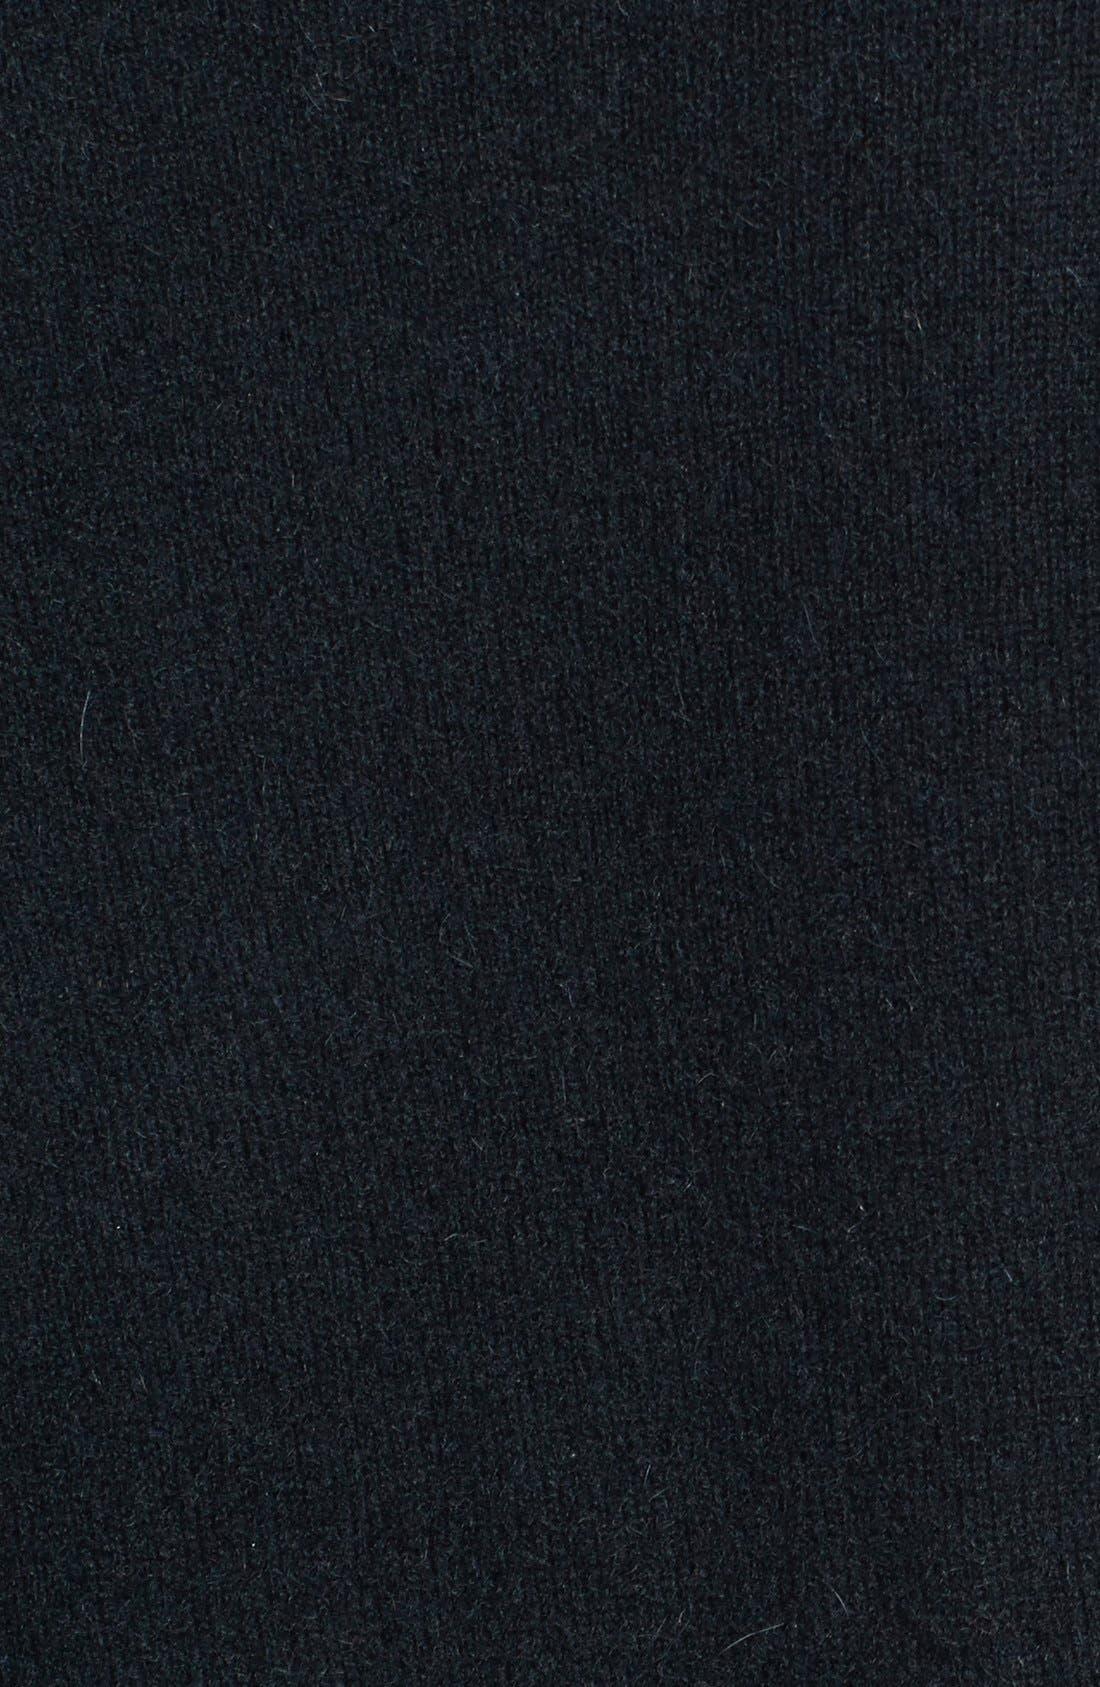 Embellished Shoulder Cashmere Sweater,                             Alternate thumbnail 4, color,                             001